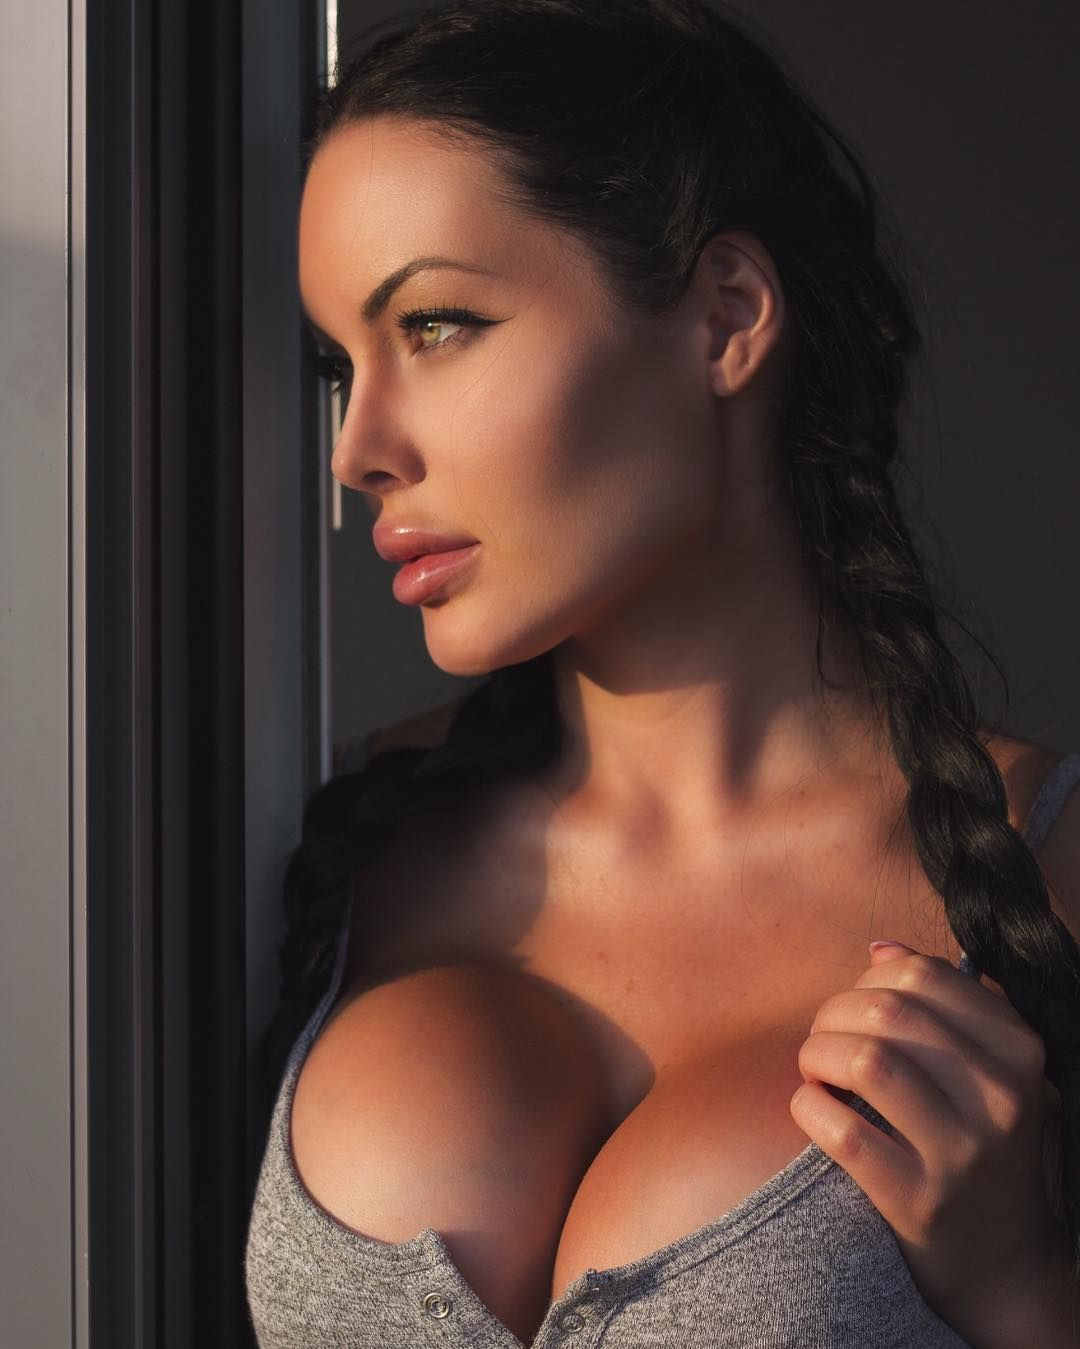 Фотомодели с большой грудью